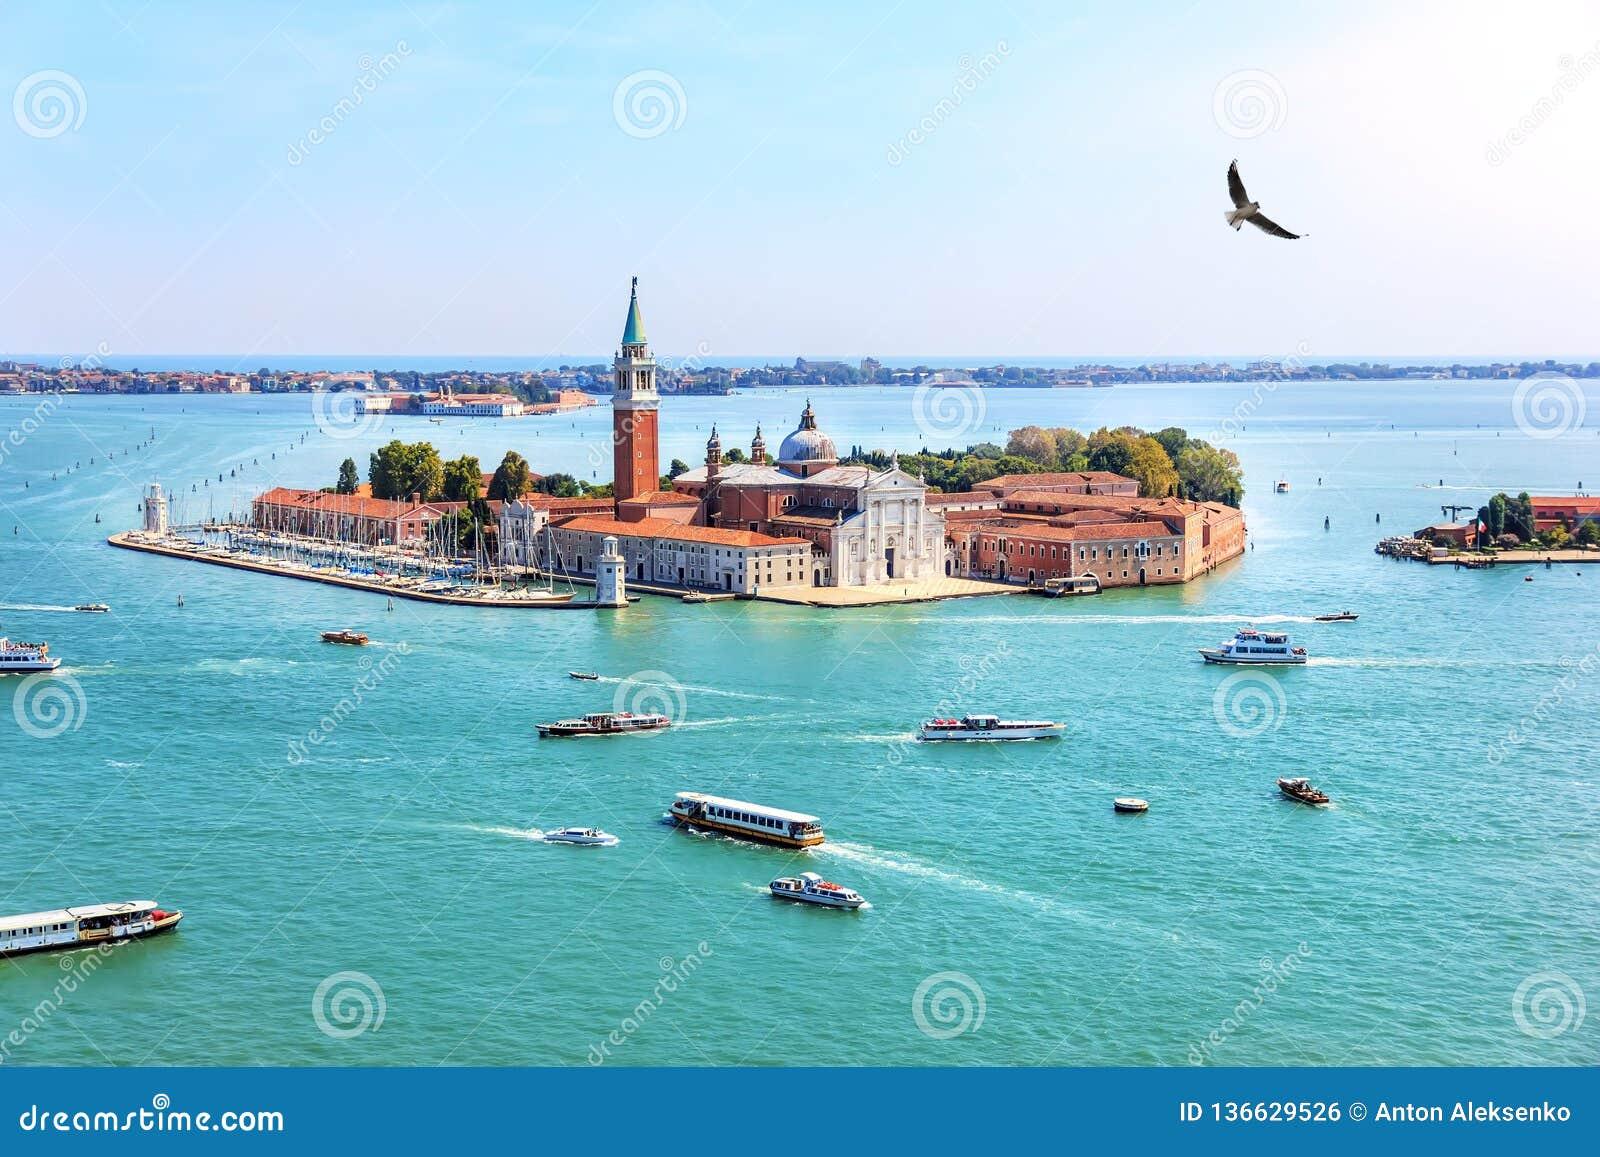 Wenecja wyspa San Giorgio Maggiore, Włochy, piękny widok z lotu ptaka